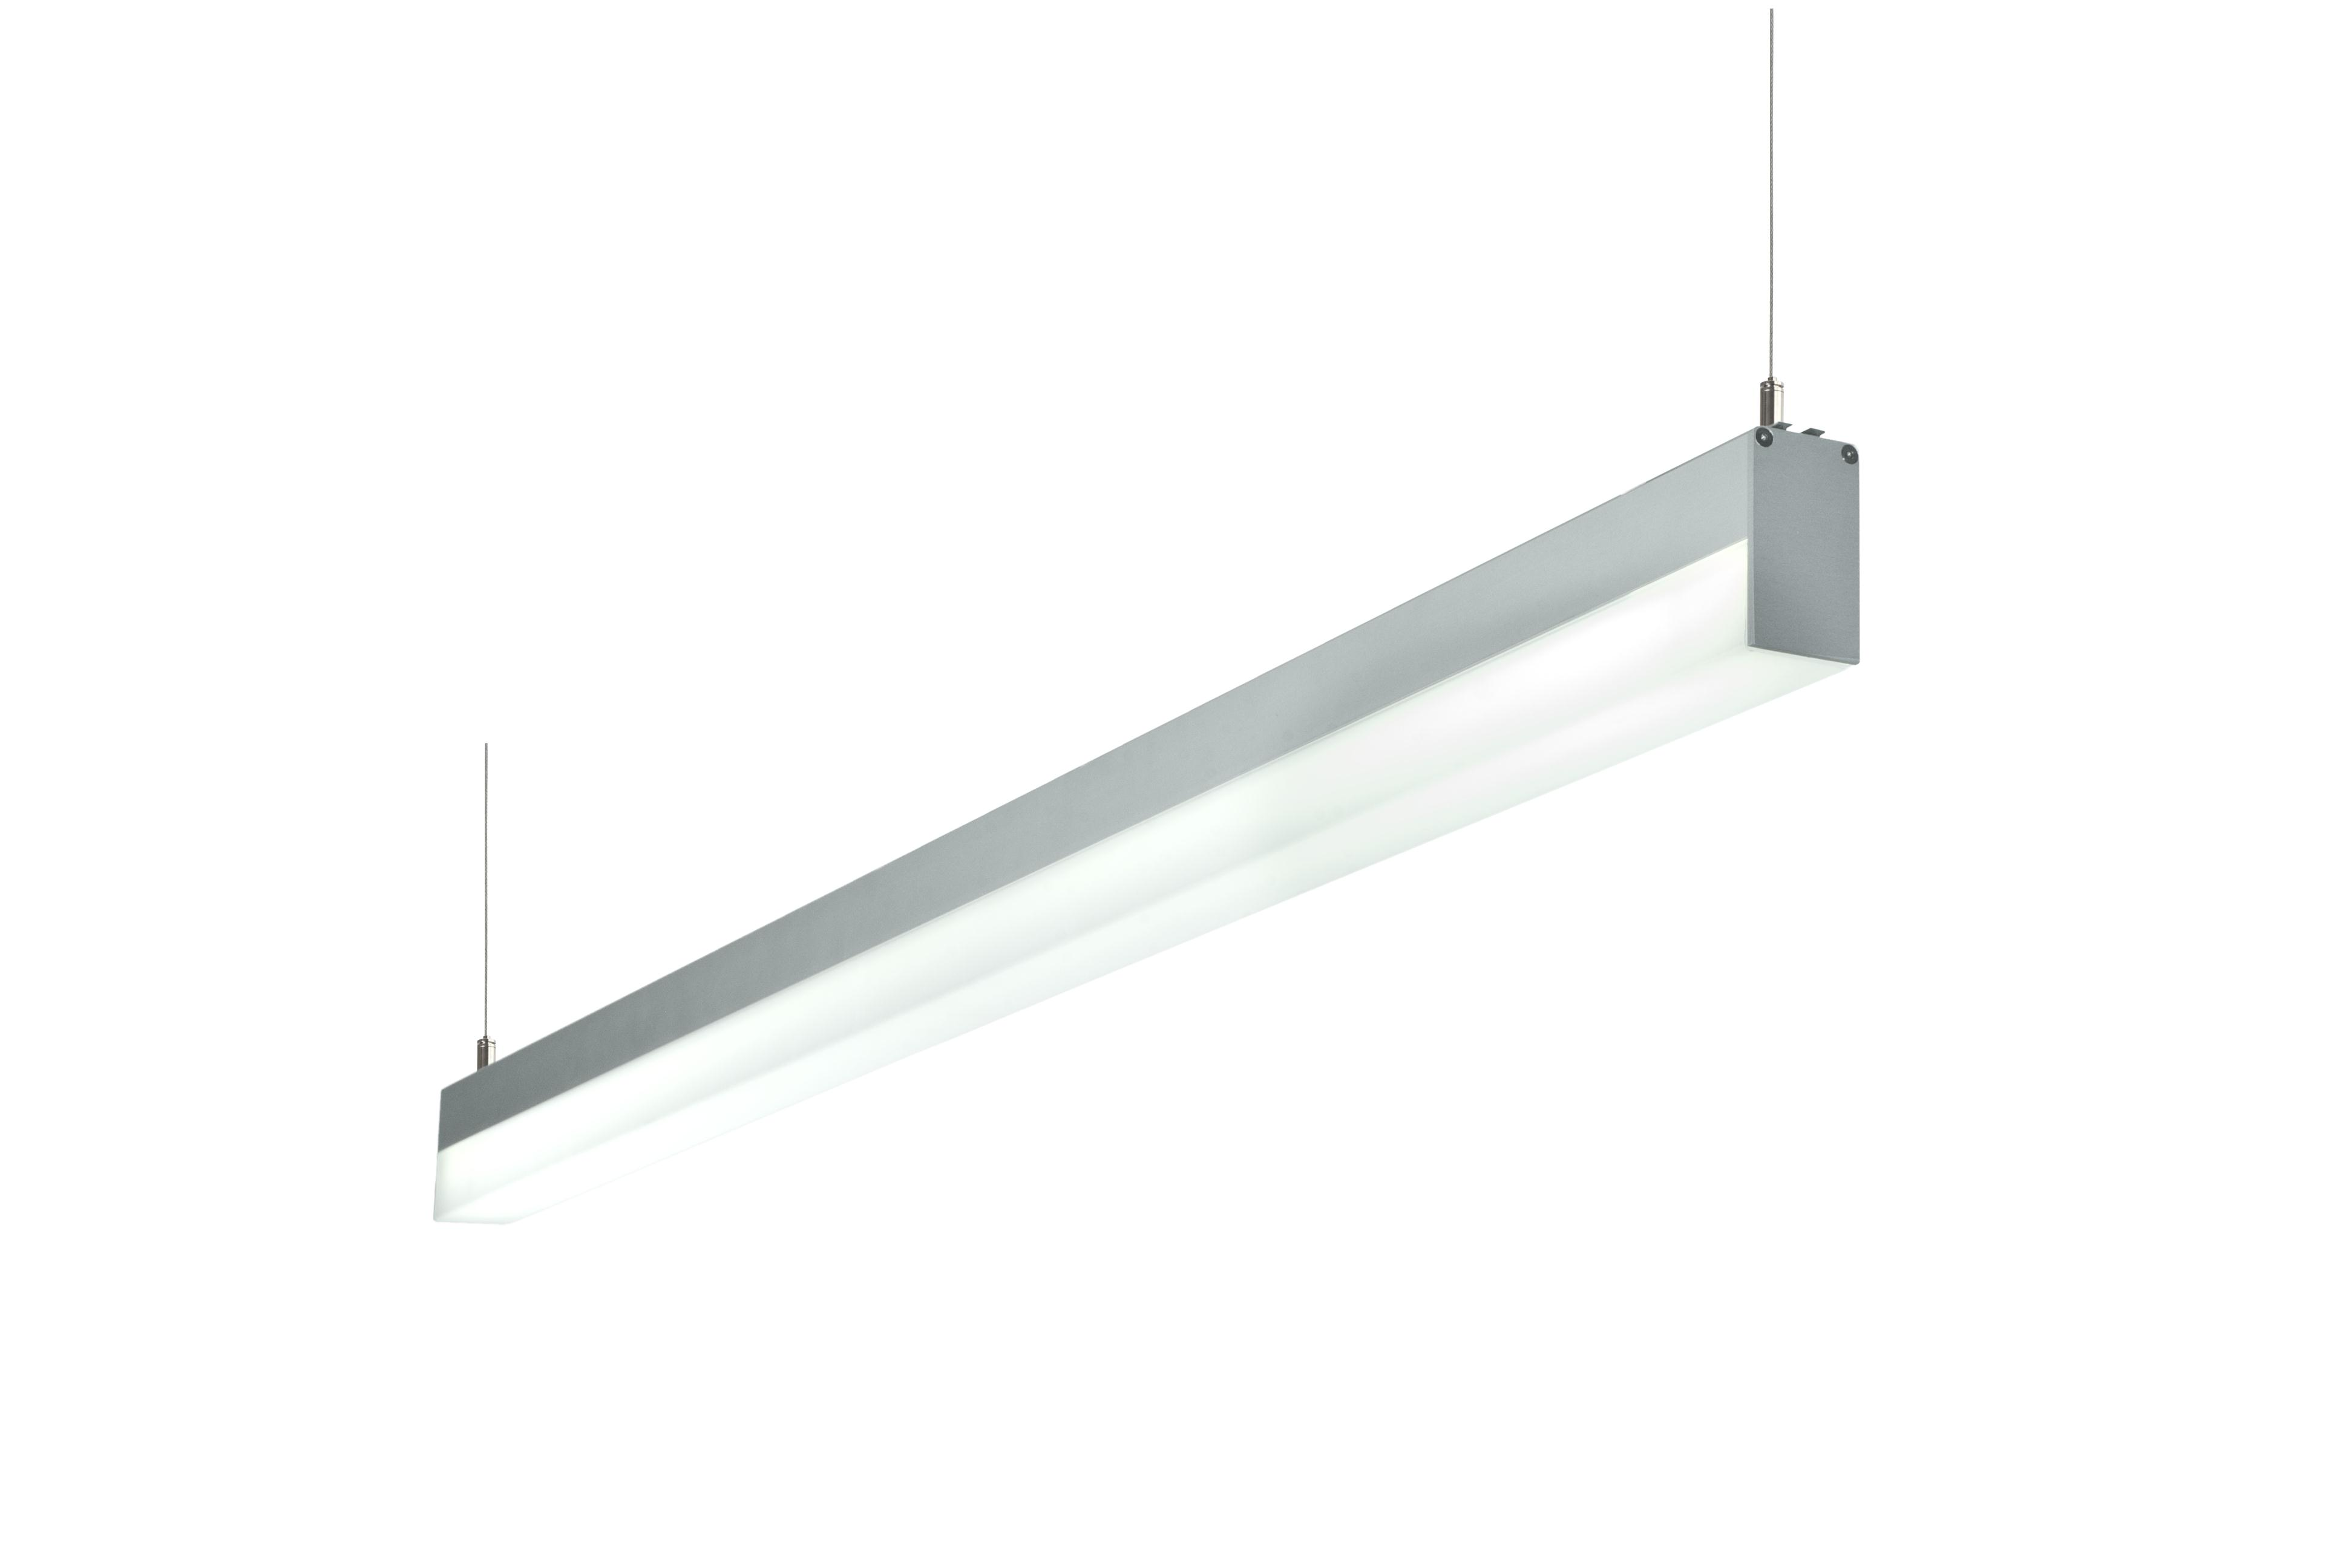 1 Stk LUCIE 1x35W EVG Lichtleiste, hohe opale Abdeckung, eloxiert LI38000013